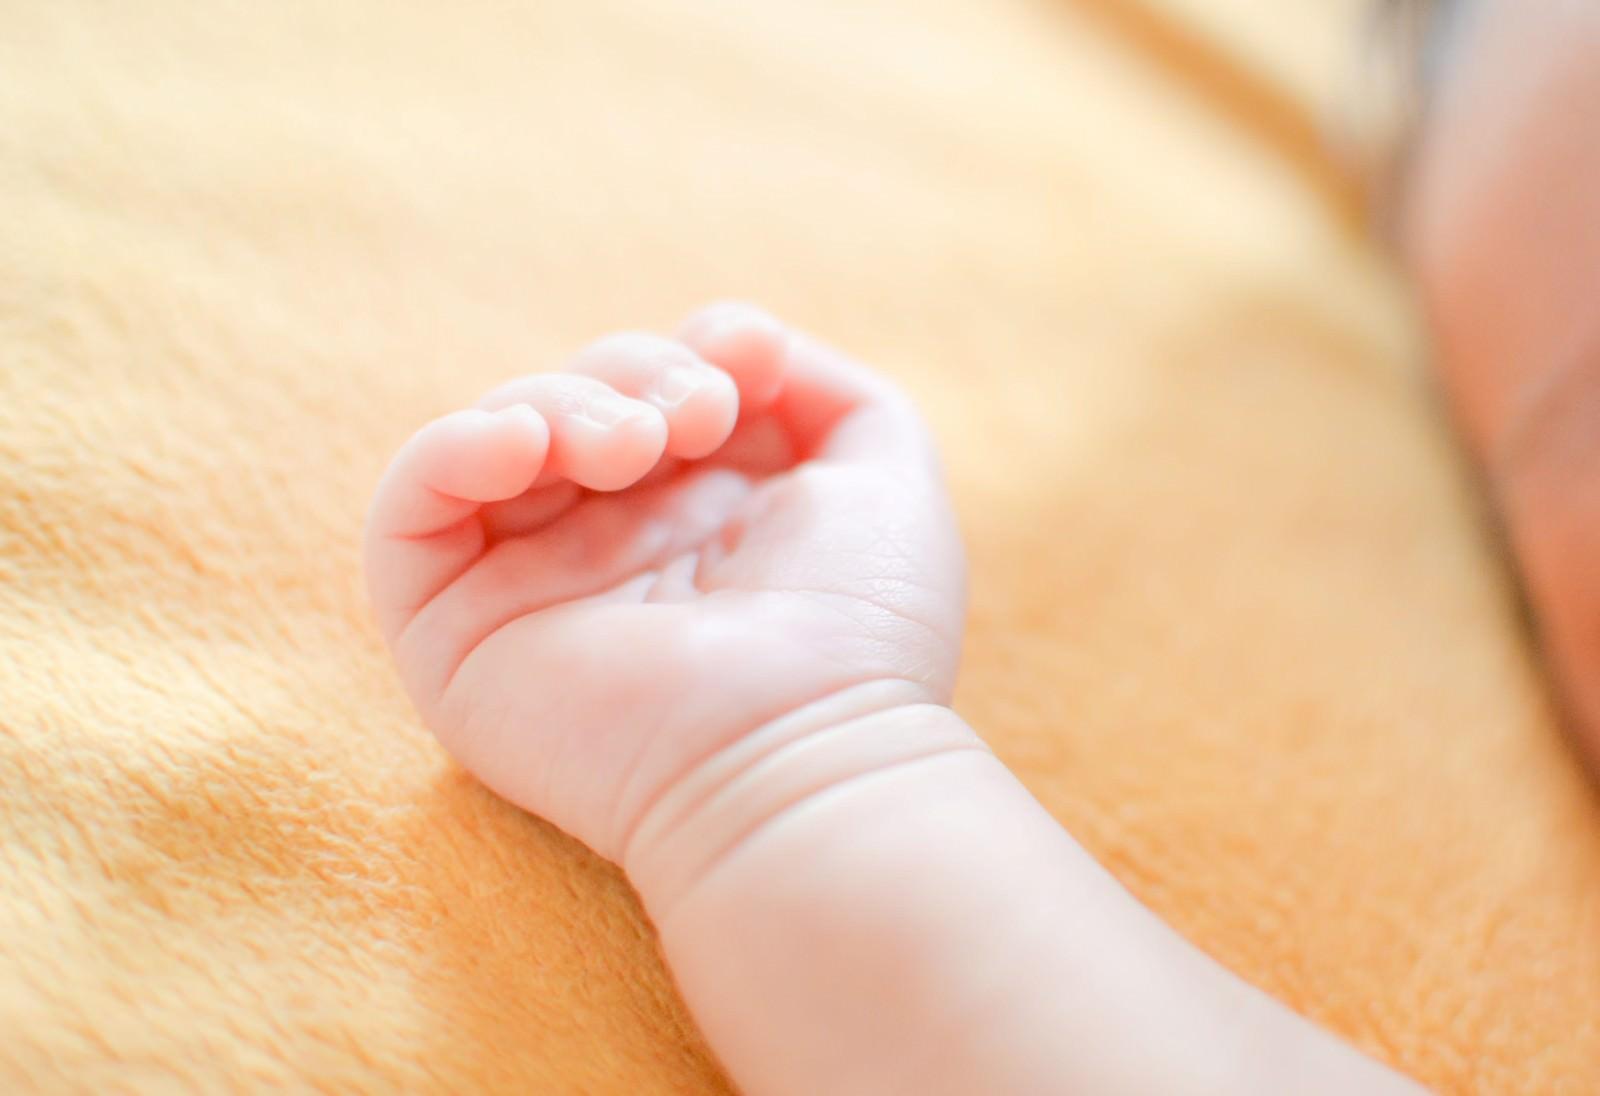 「生まれたばかりの赤ちゃんの手」の写真